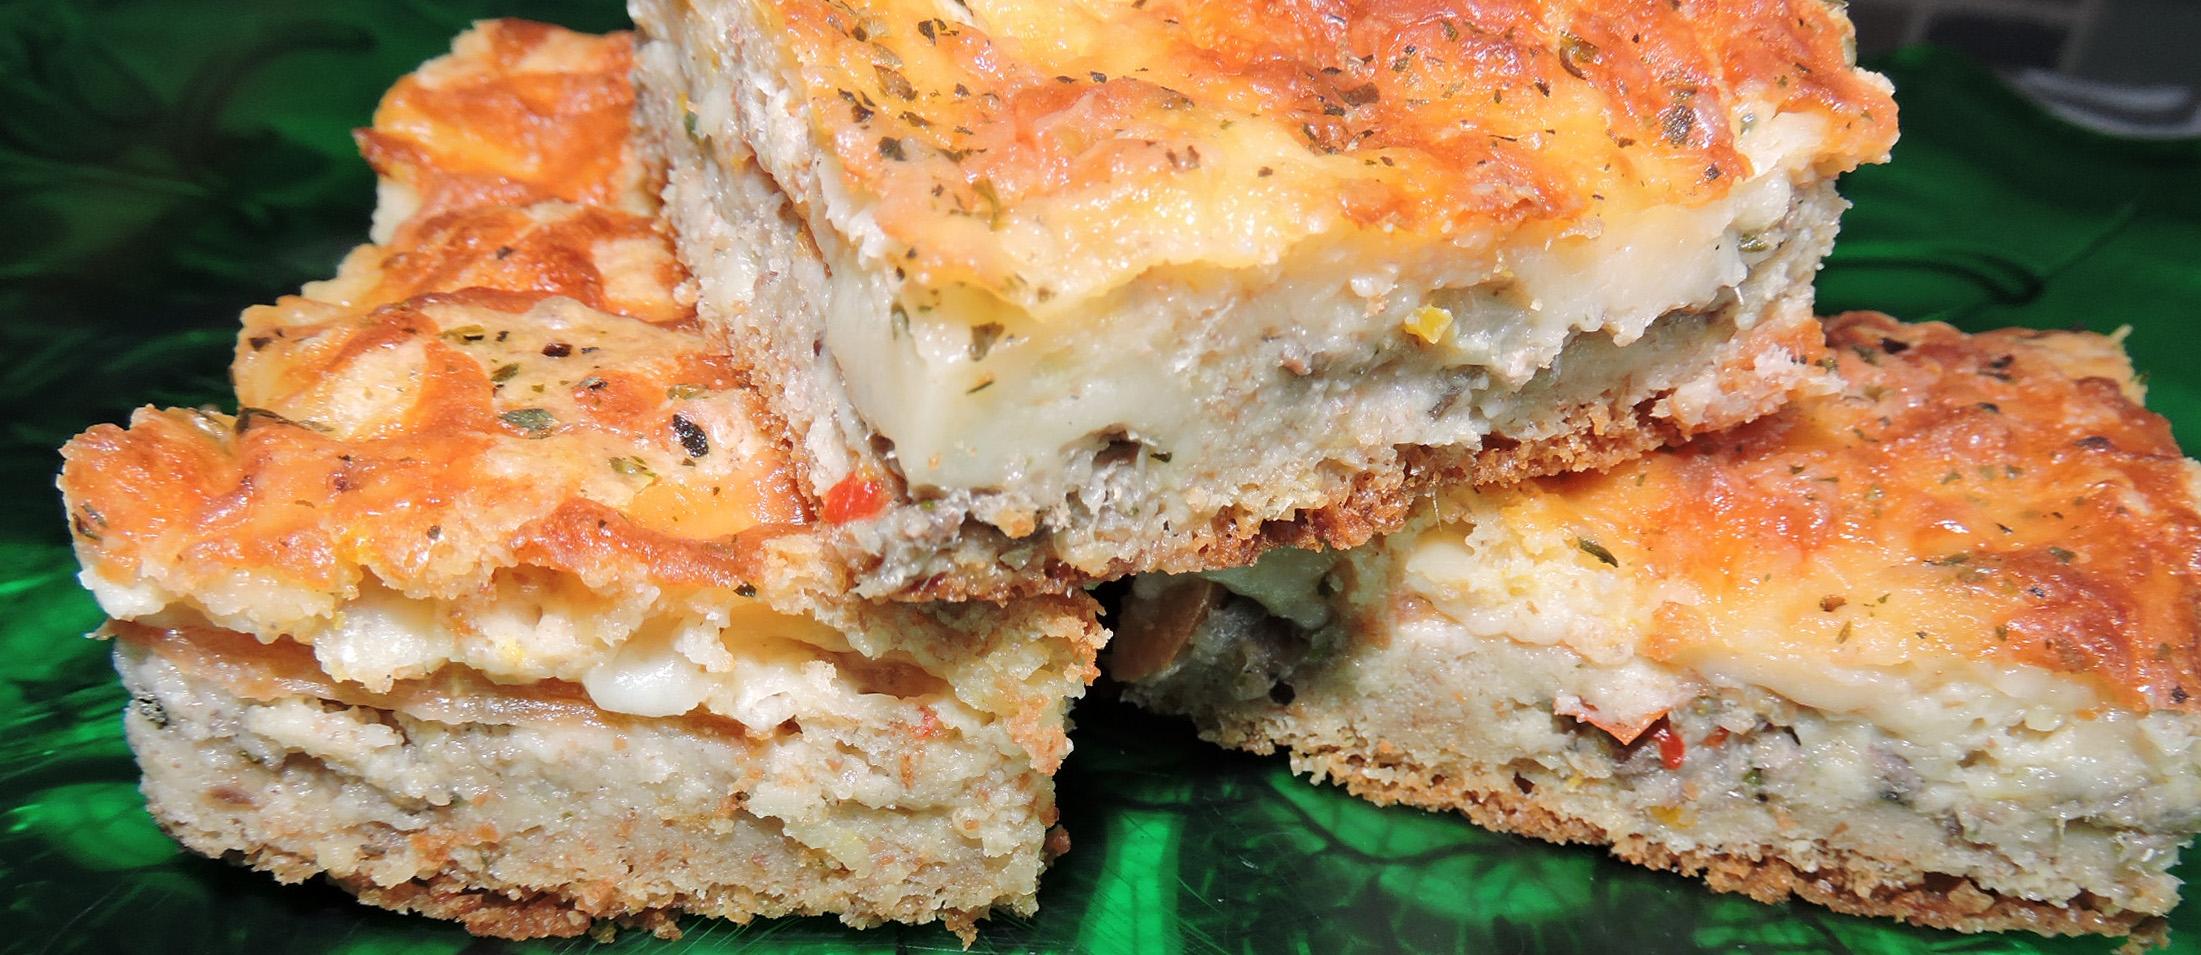 16-01-17- torta integral de sardinha6 DSCN9849